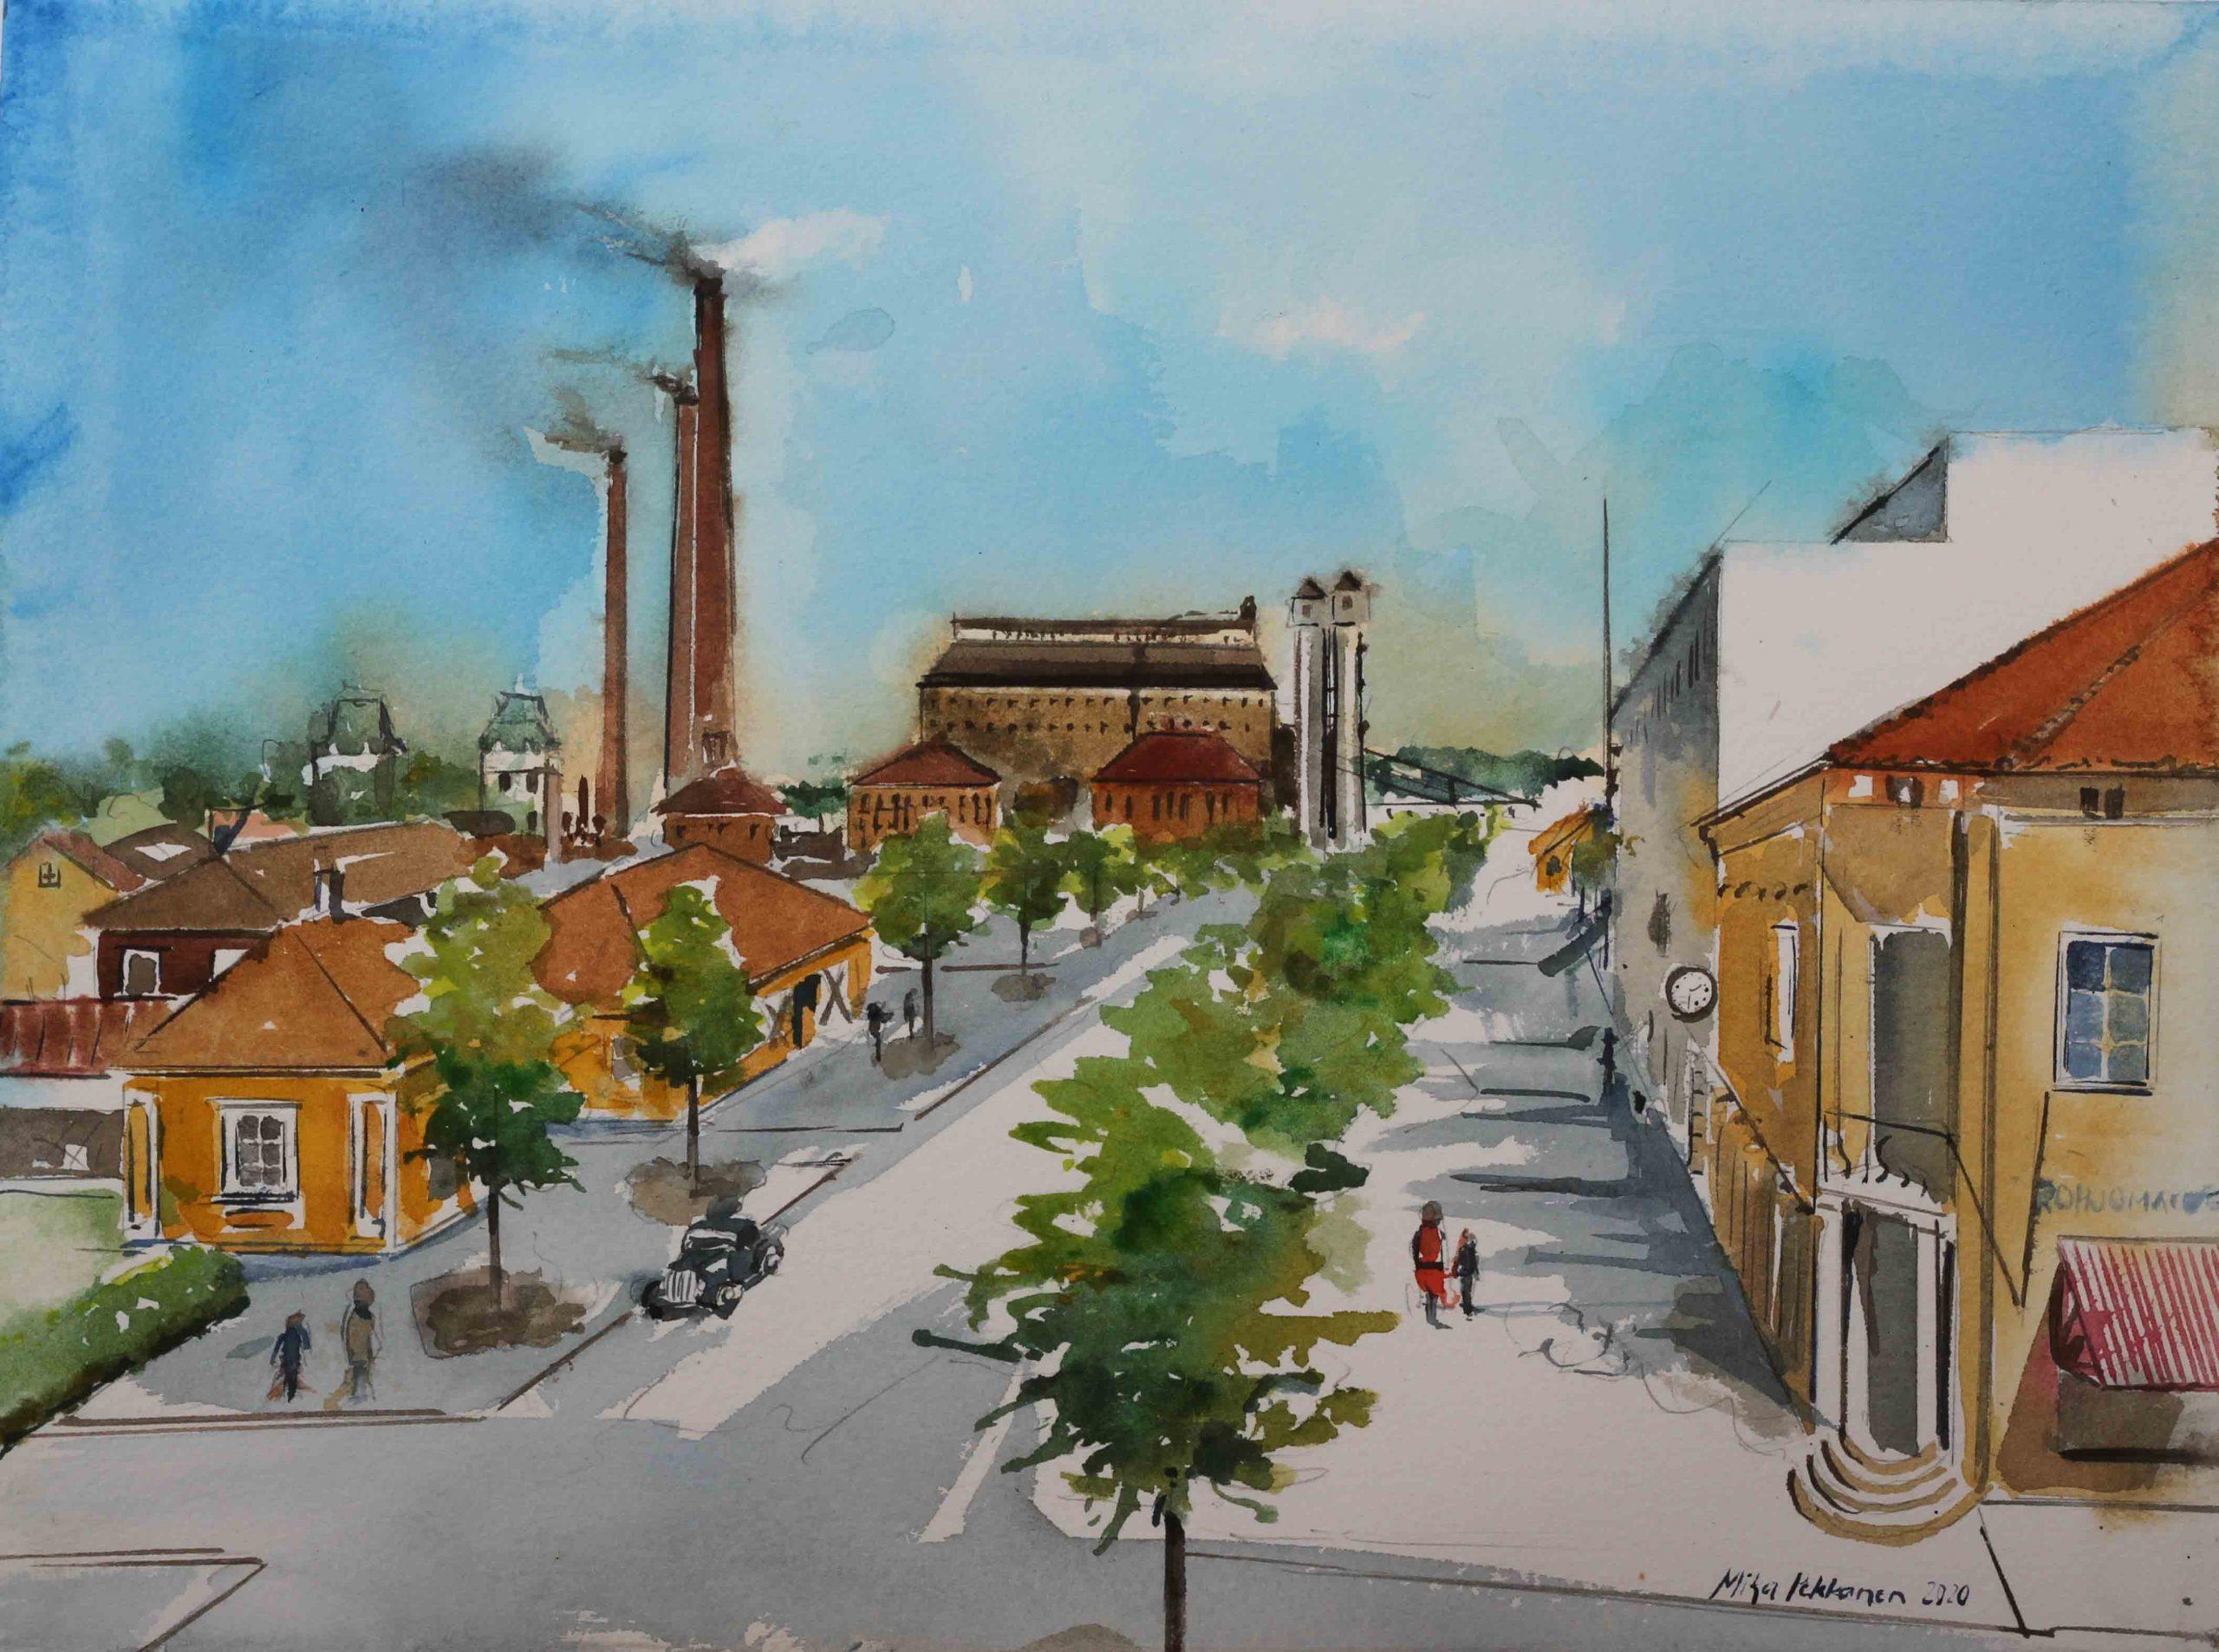 Näyttely Varkauden Keskuskonttorilla jatkuu maaliskuun loppuun 2021! Täydennän näyttelyä uusimmilla teoksilla.